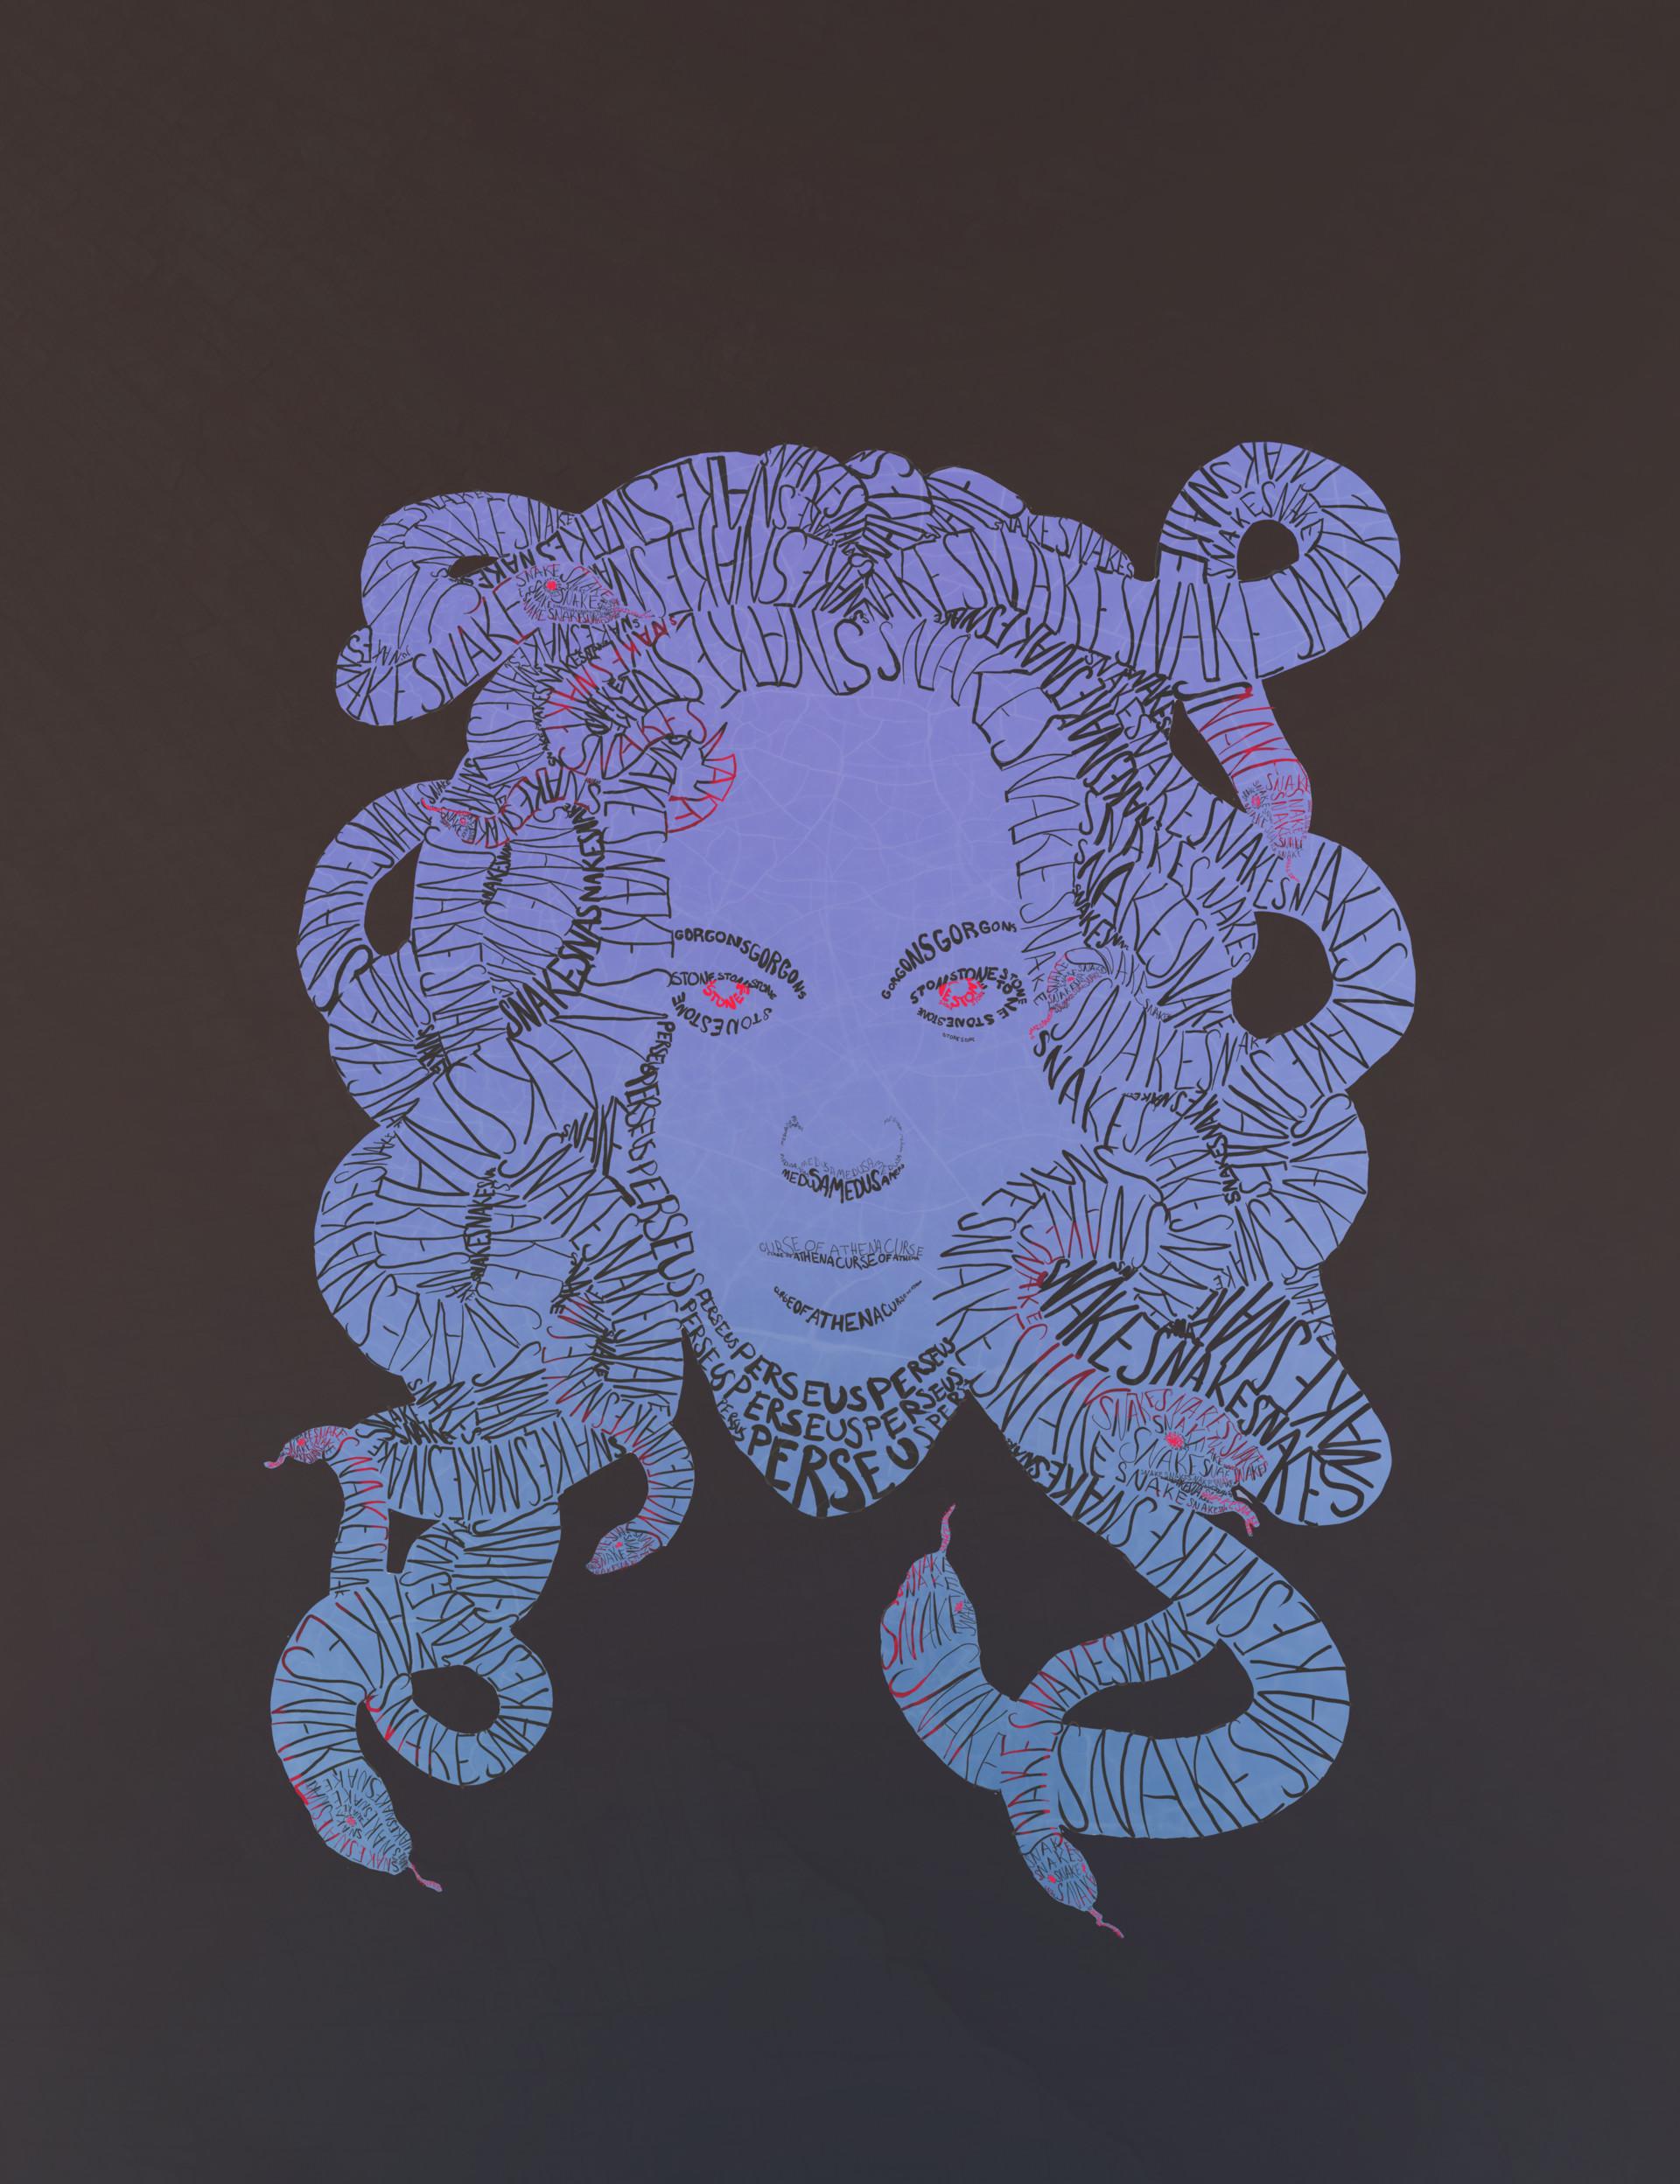 Erin hoover medusa mod